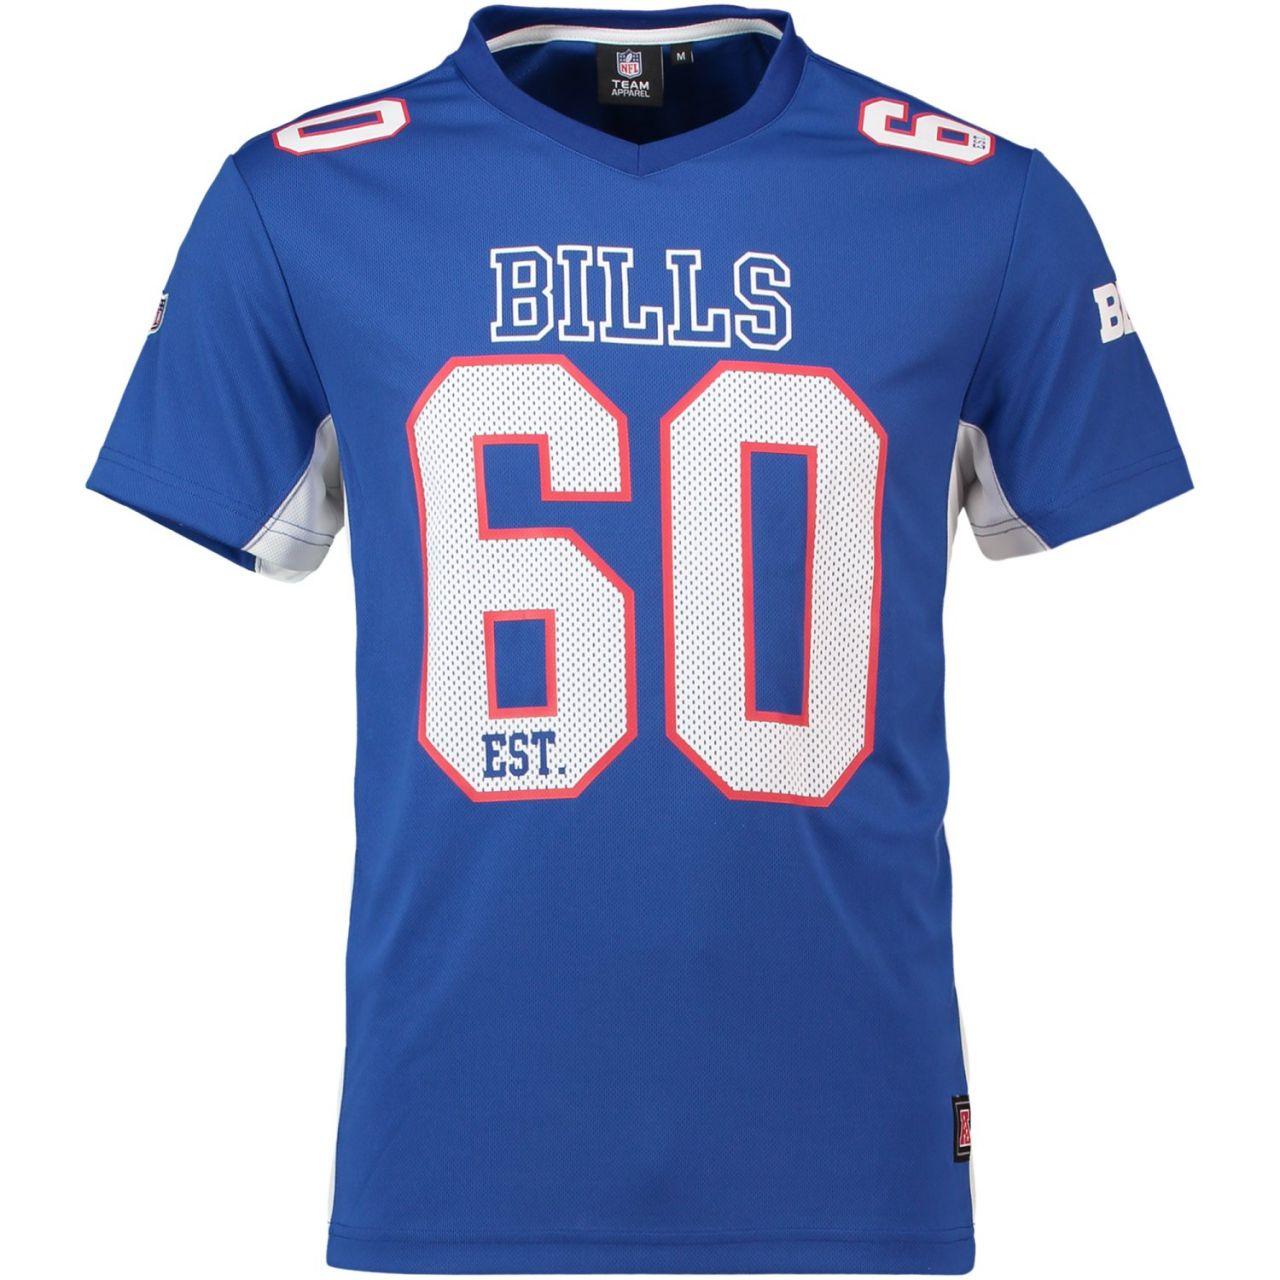 amfoo - Majestic NFL MORO Polymesh Jersey Shirt - Buffalo Bills